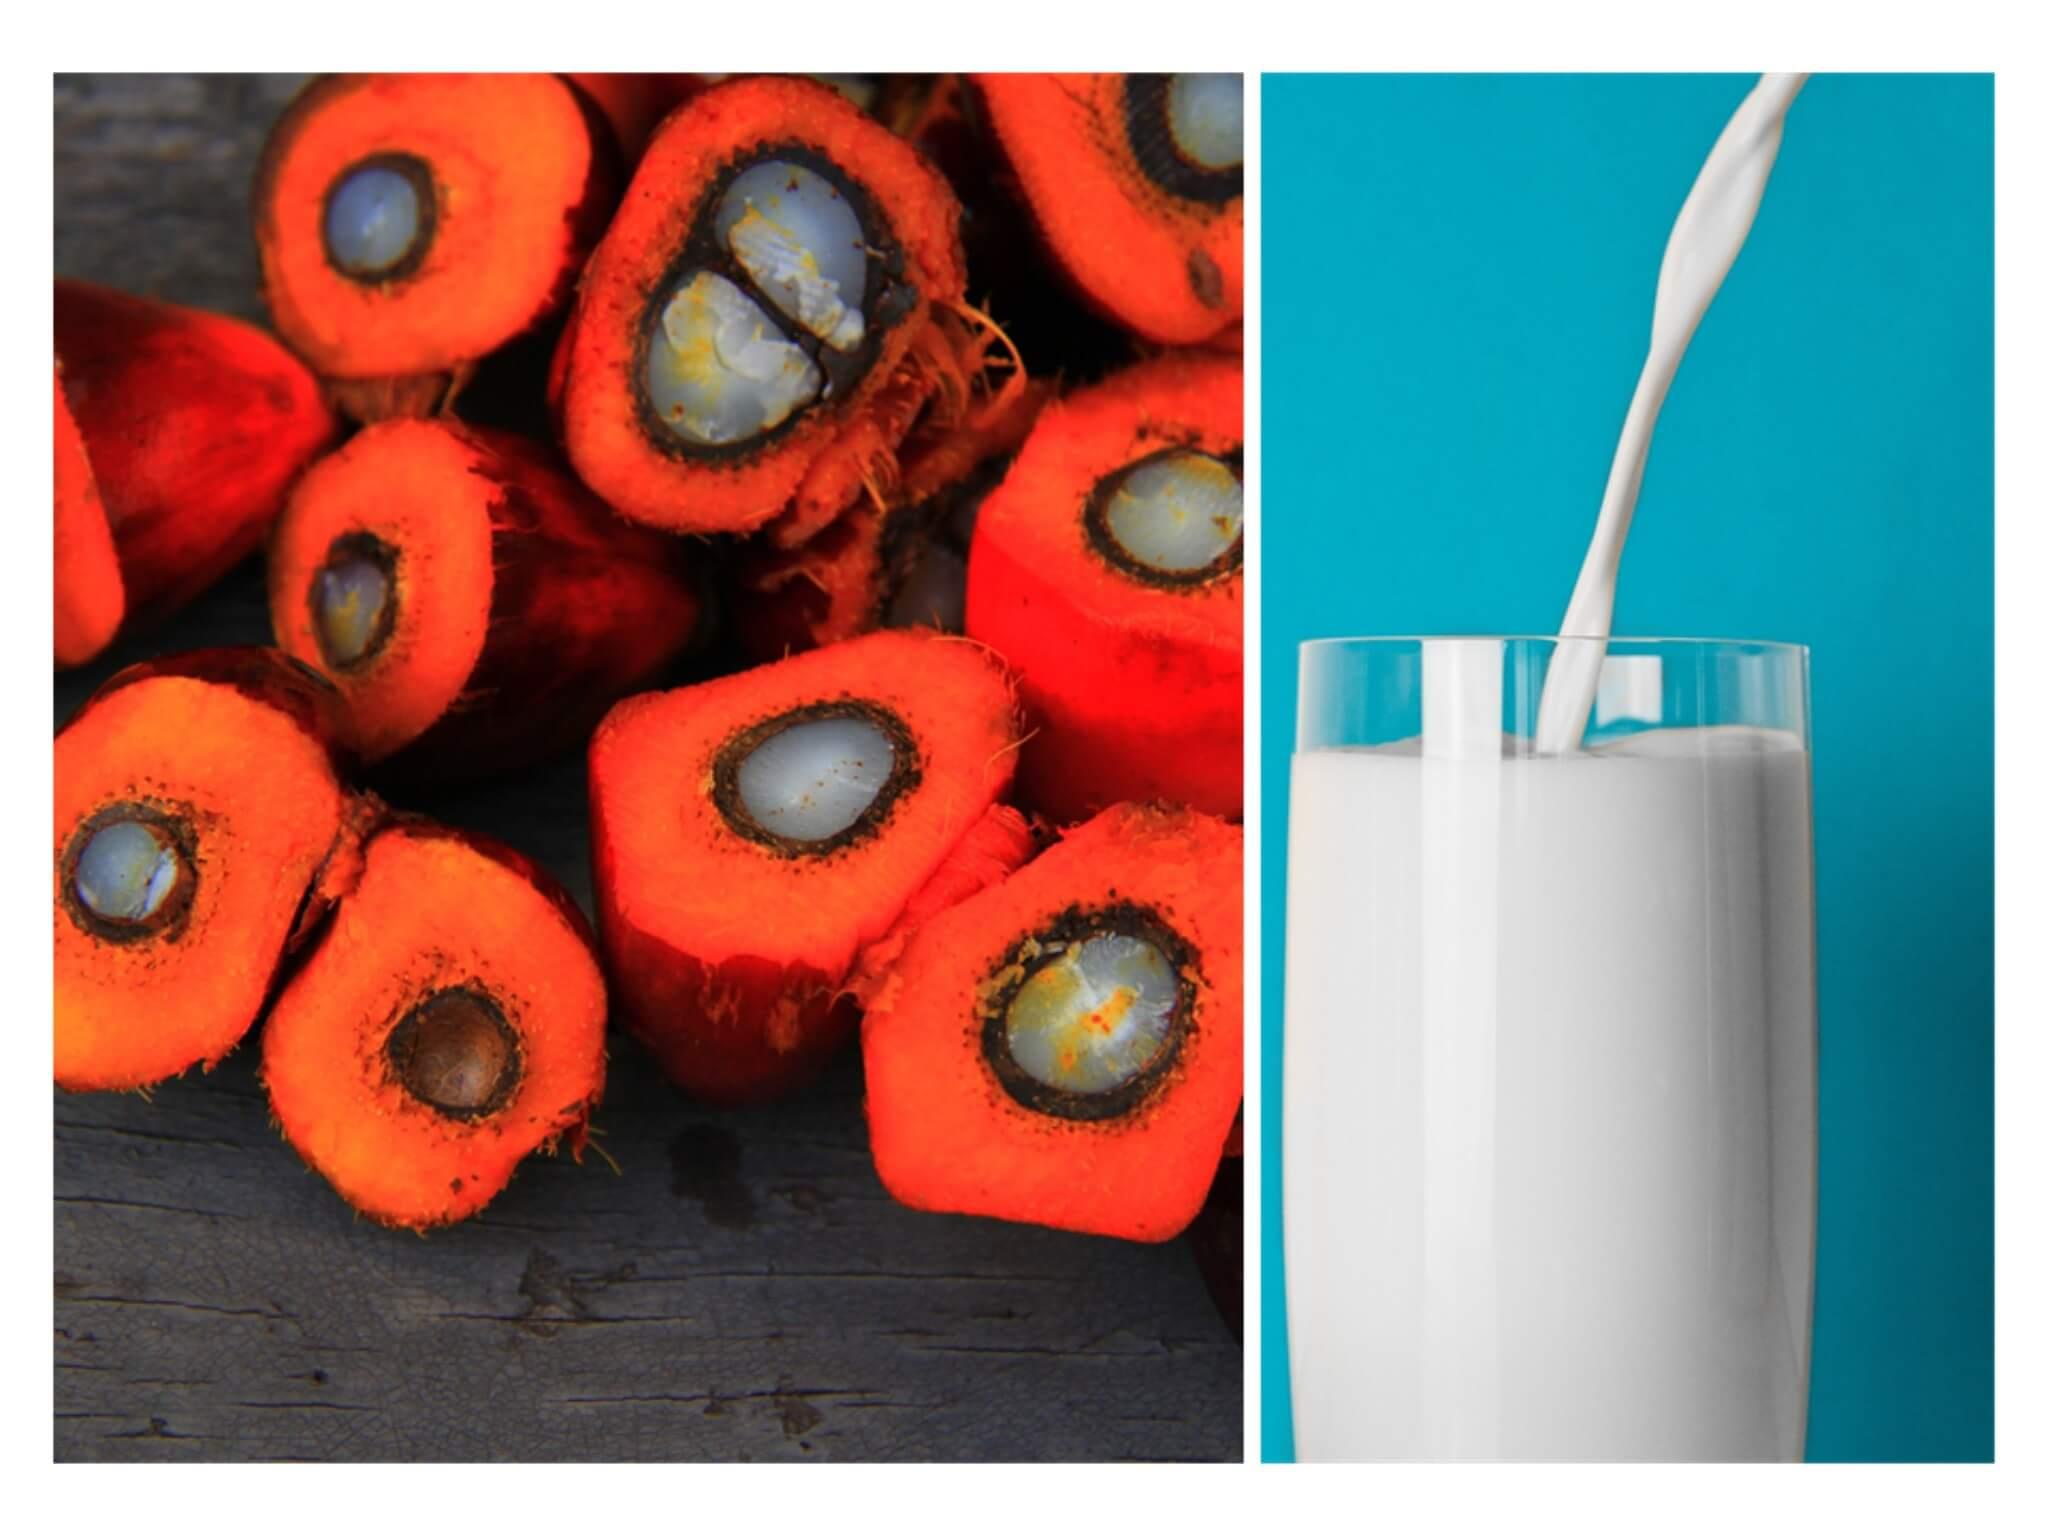 Allarmismo alimentare: quali alimenti fanno male?